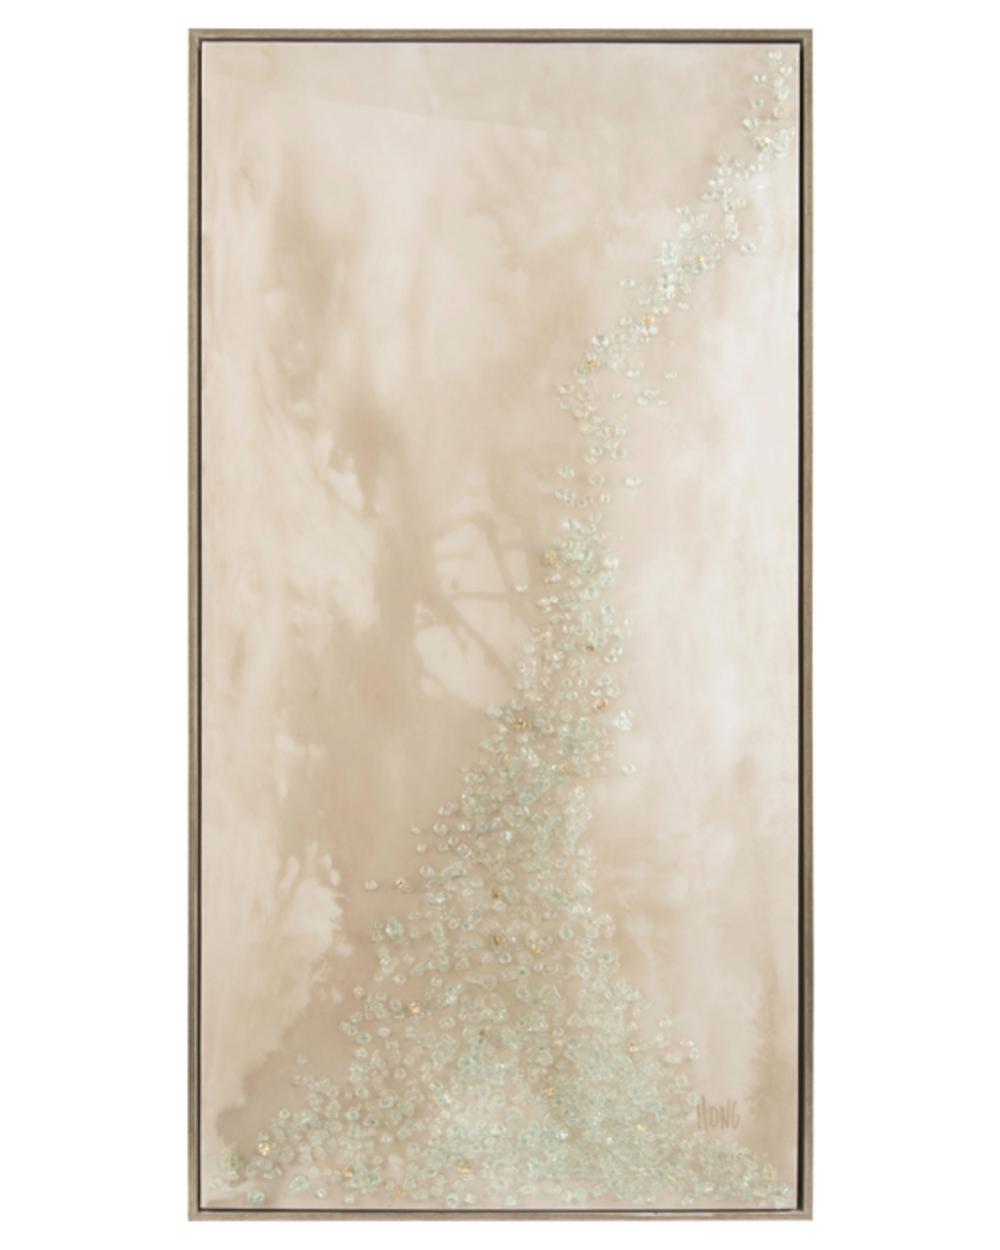 John Richard Collection - Hong's Sepia Abstract I